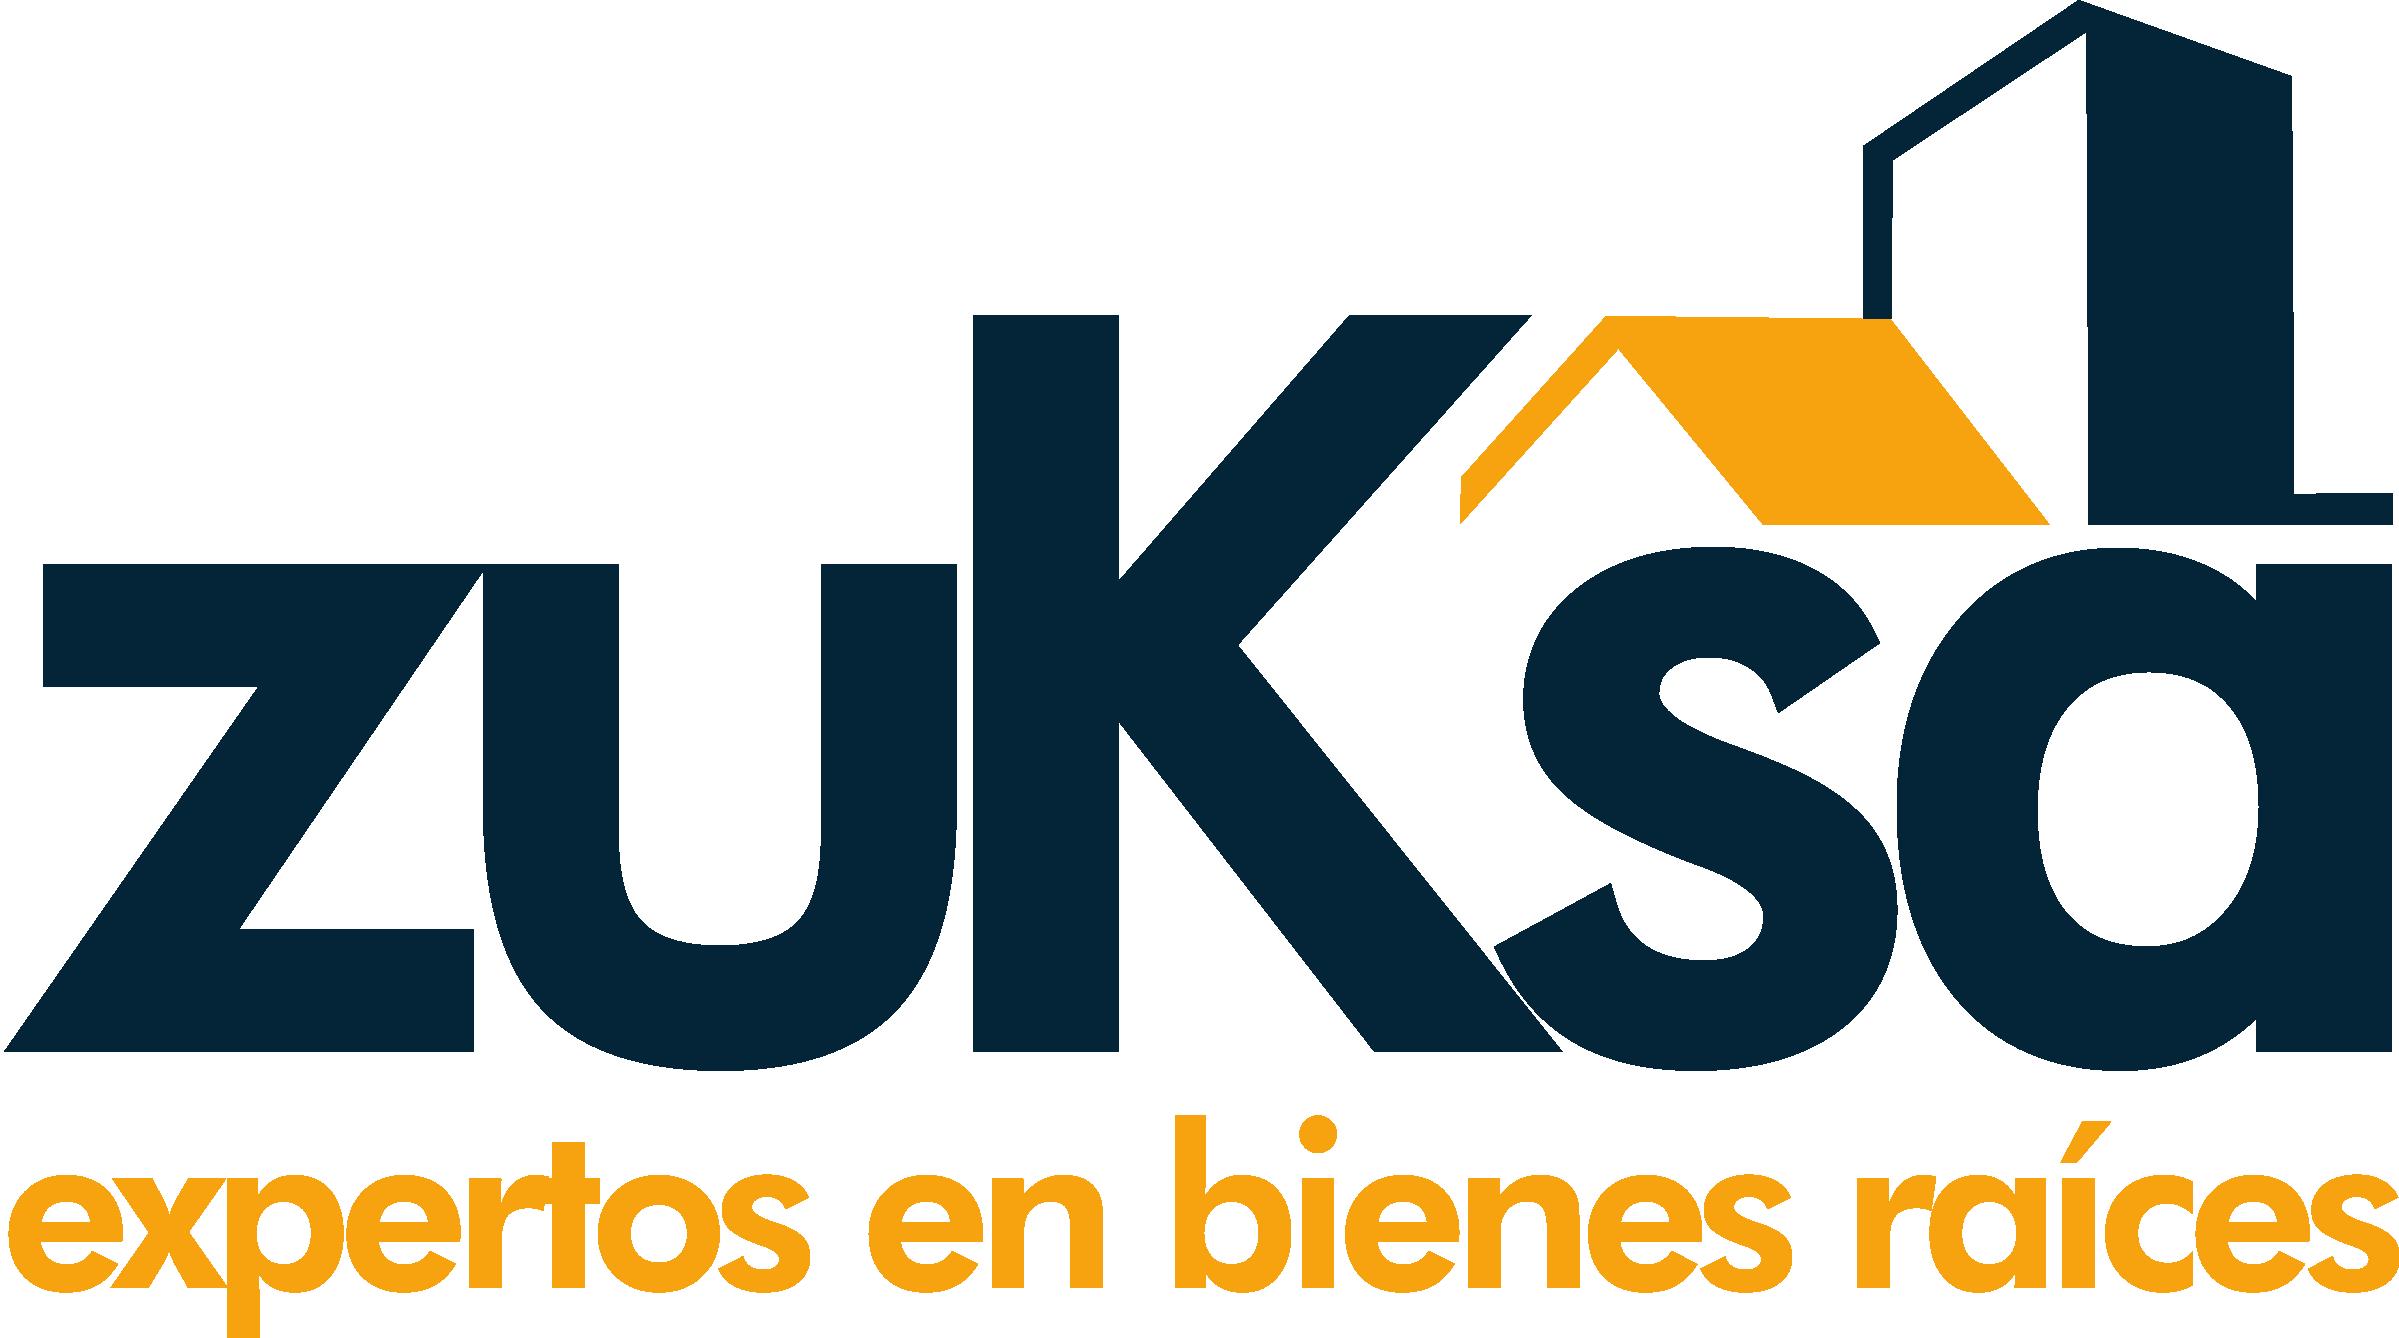 Zuksa_Logo.png